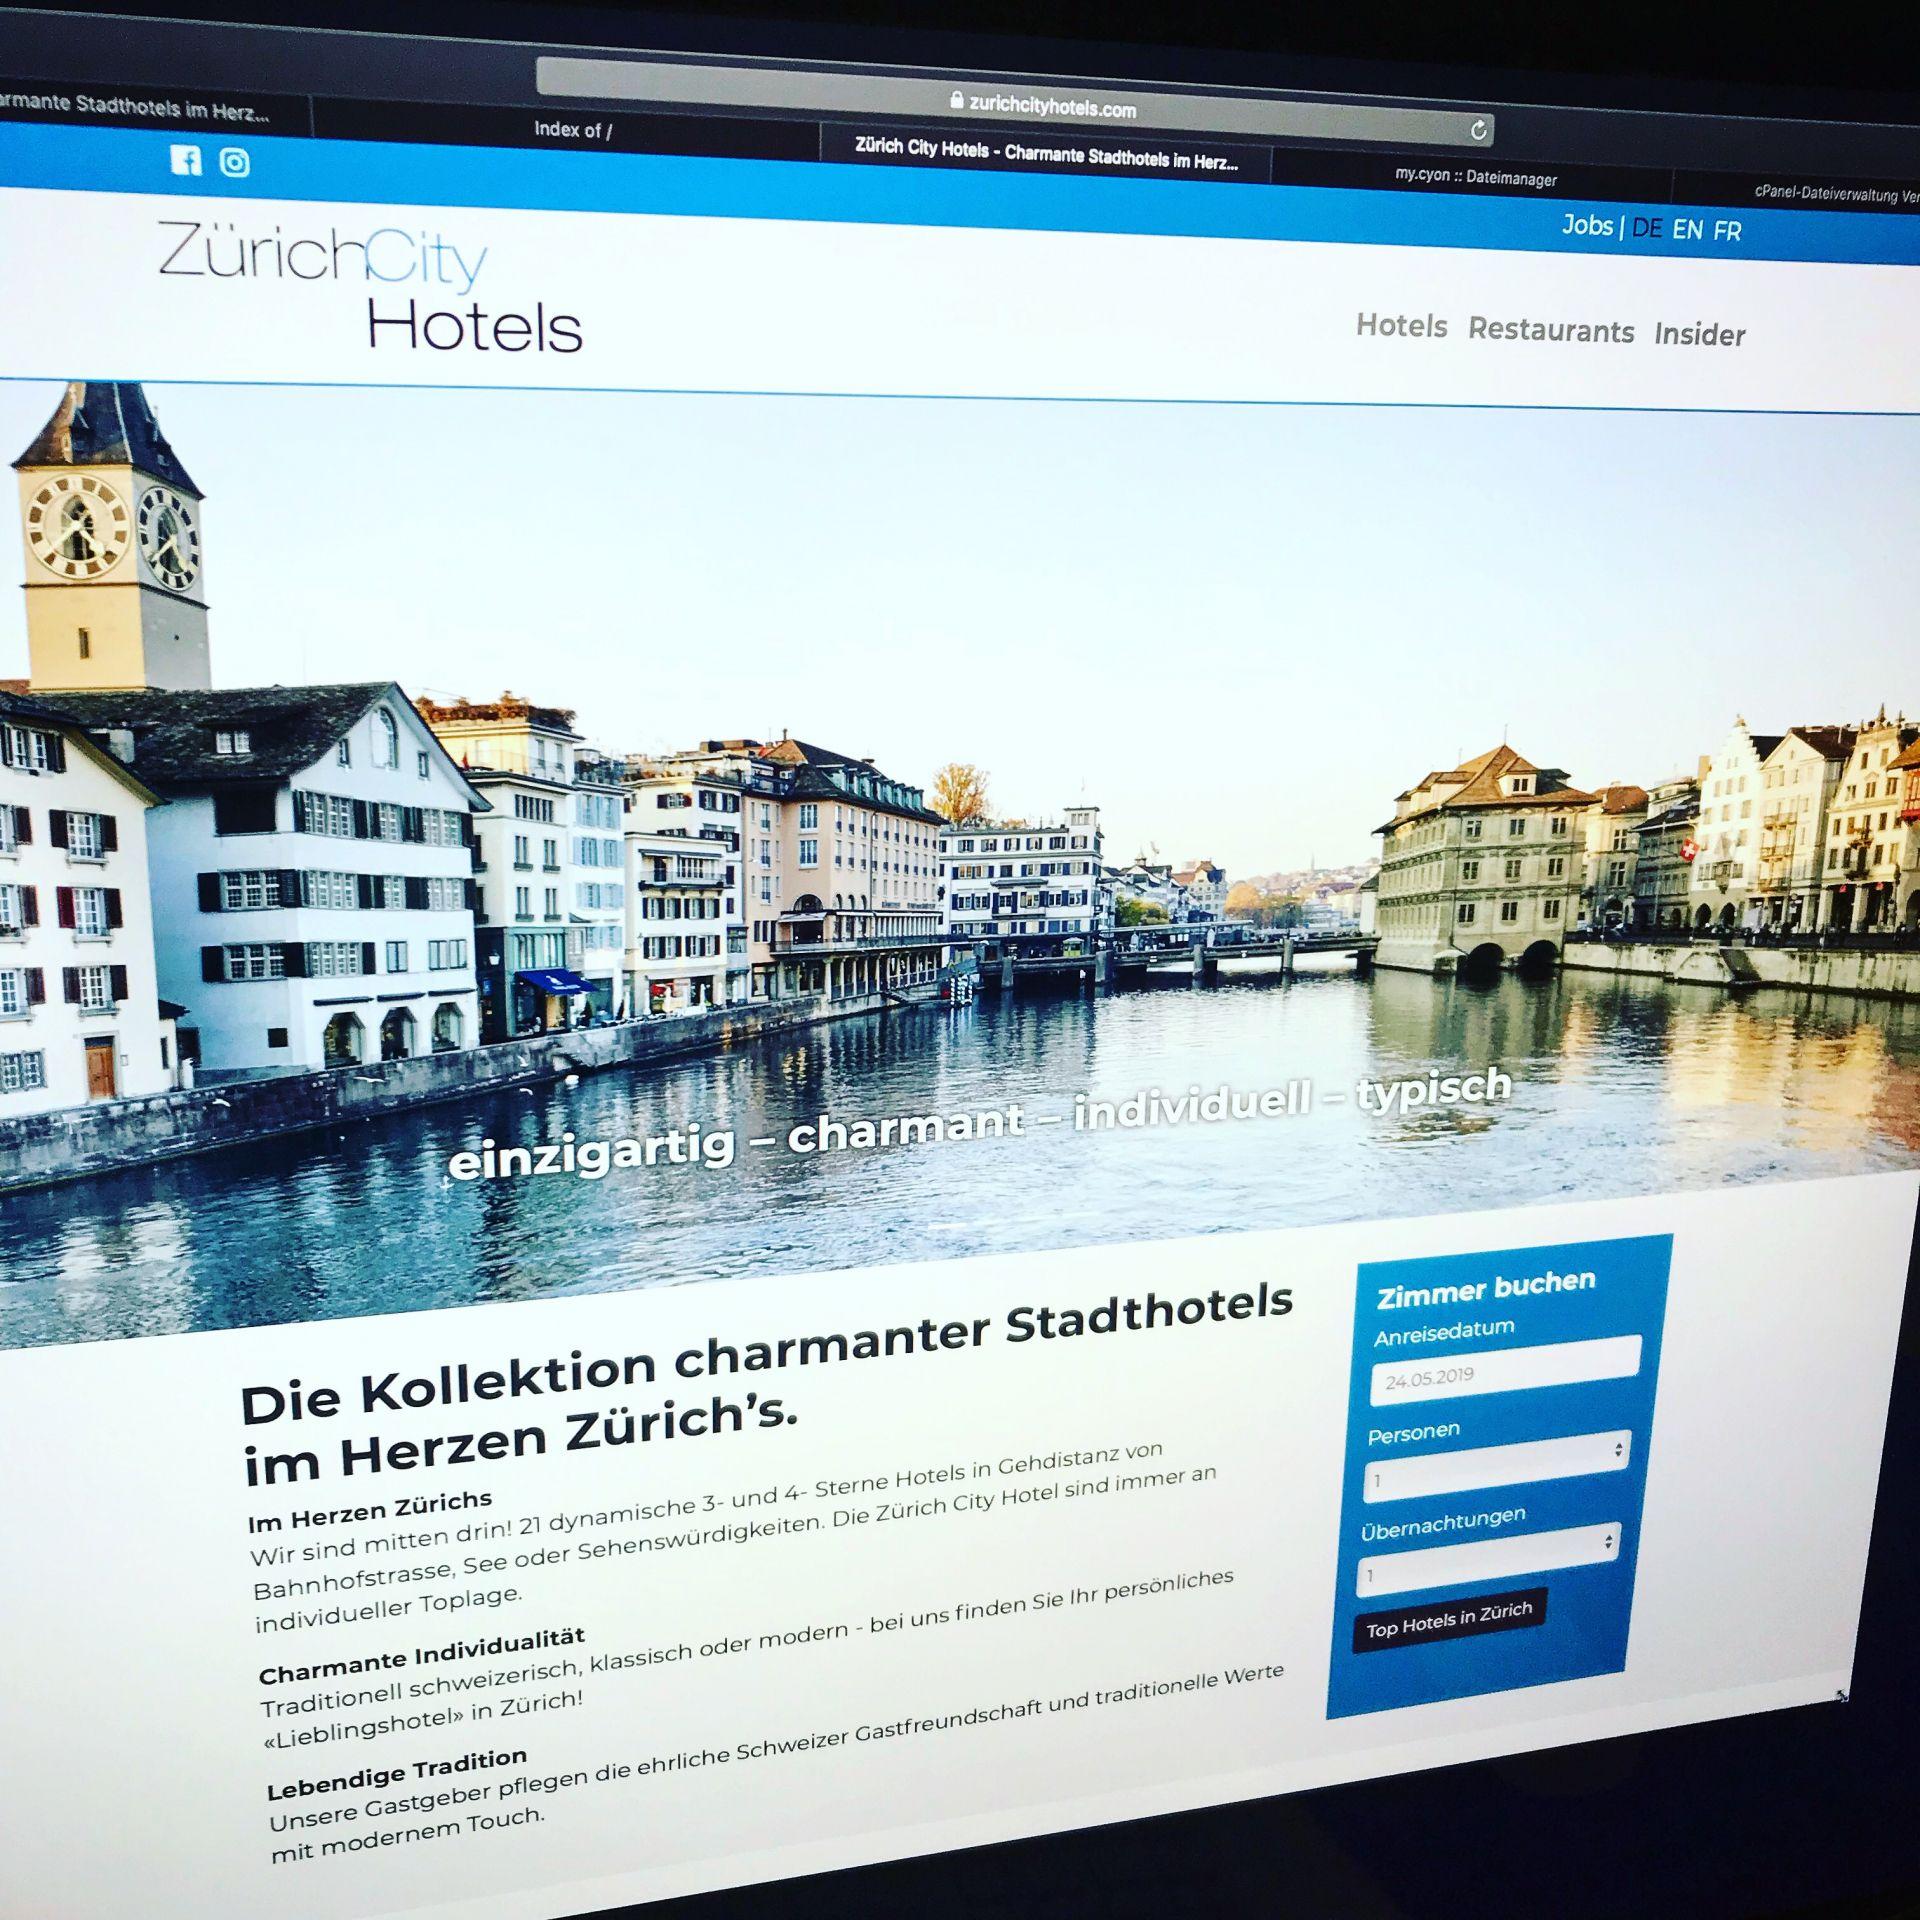 Zürich City Hotels